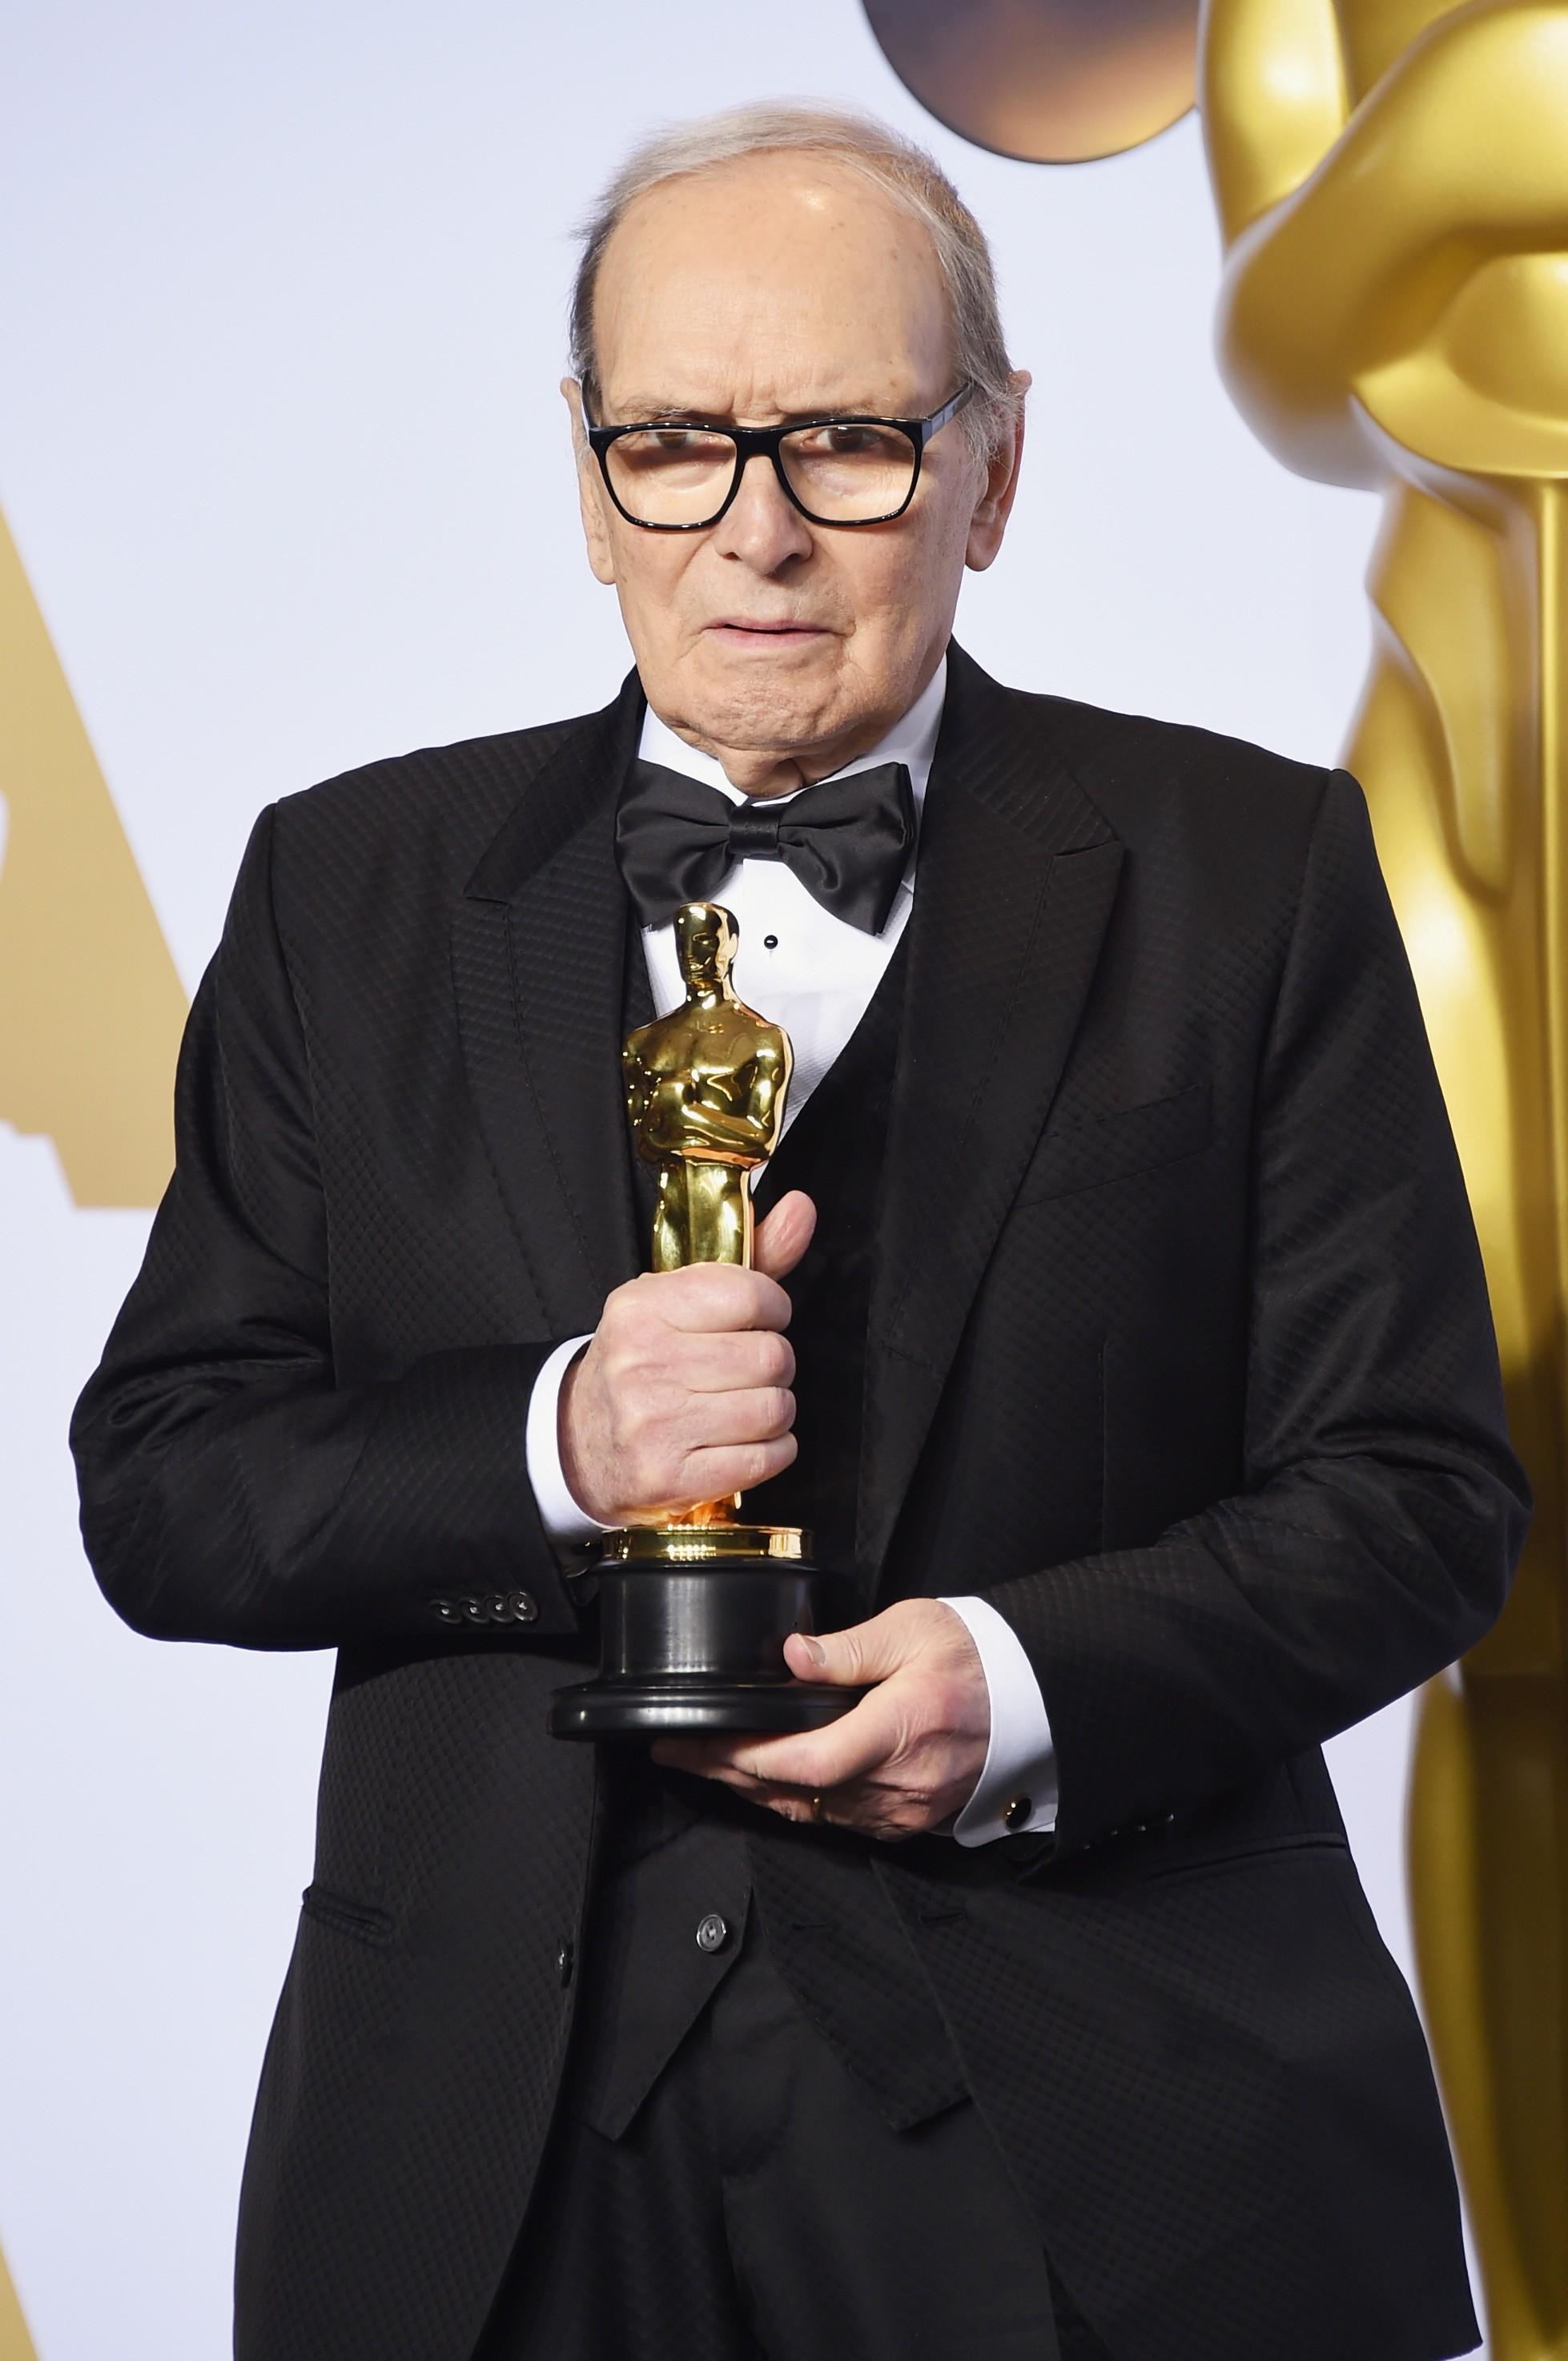 O compositor Ennio Morricone com o Oscar vencido por ele pela trilha sonora de Os Oito Odiados (2015) (Foto: Getty Images)